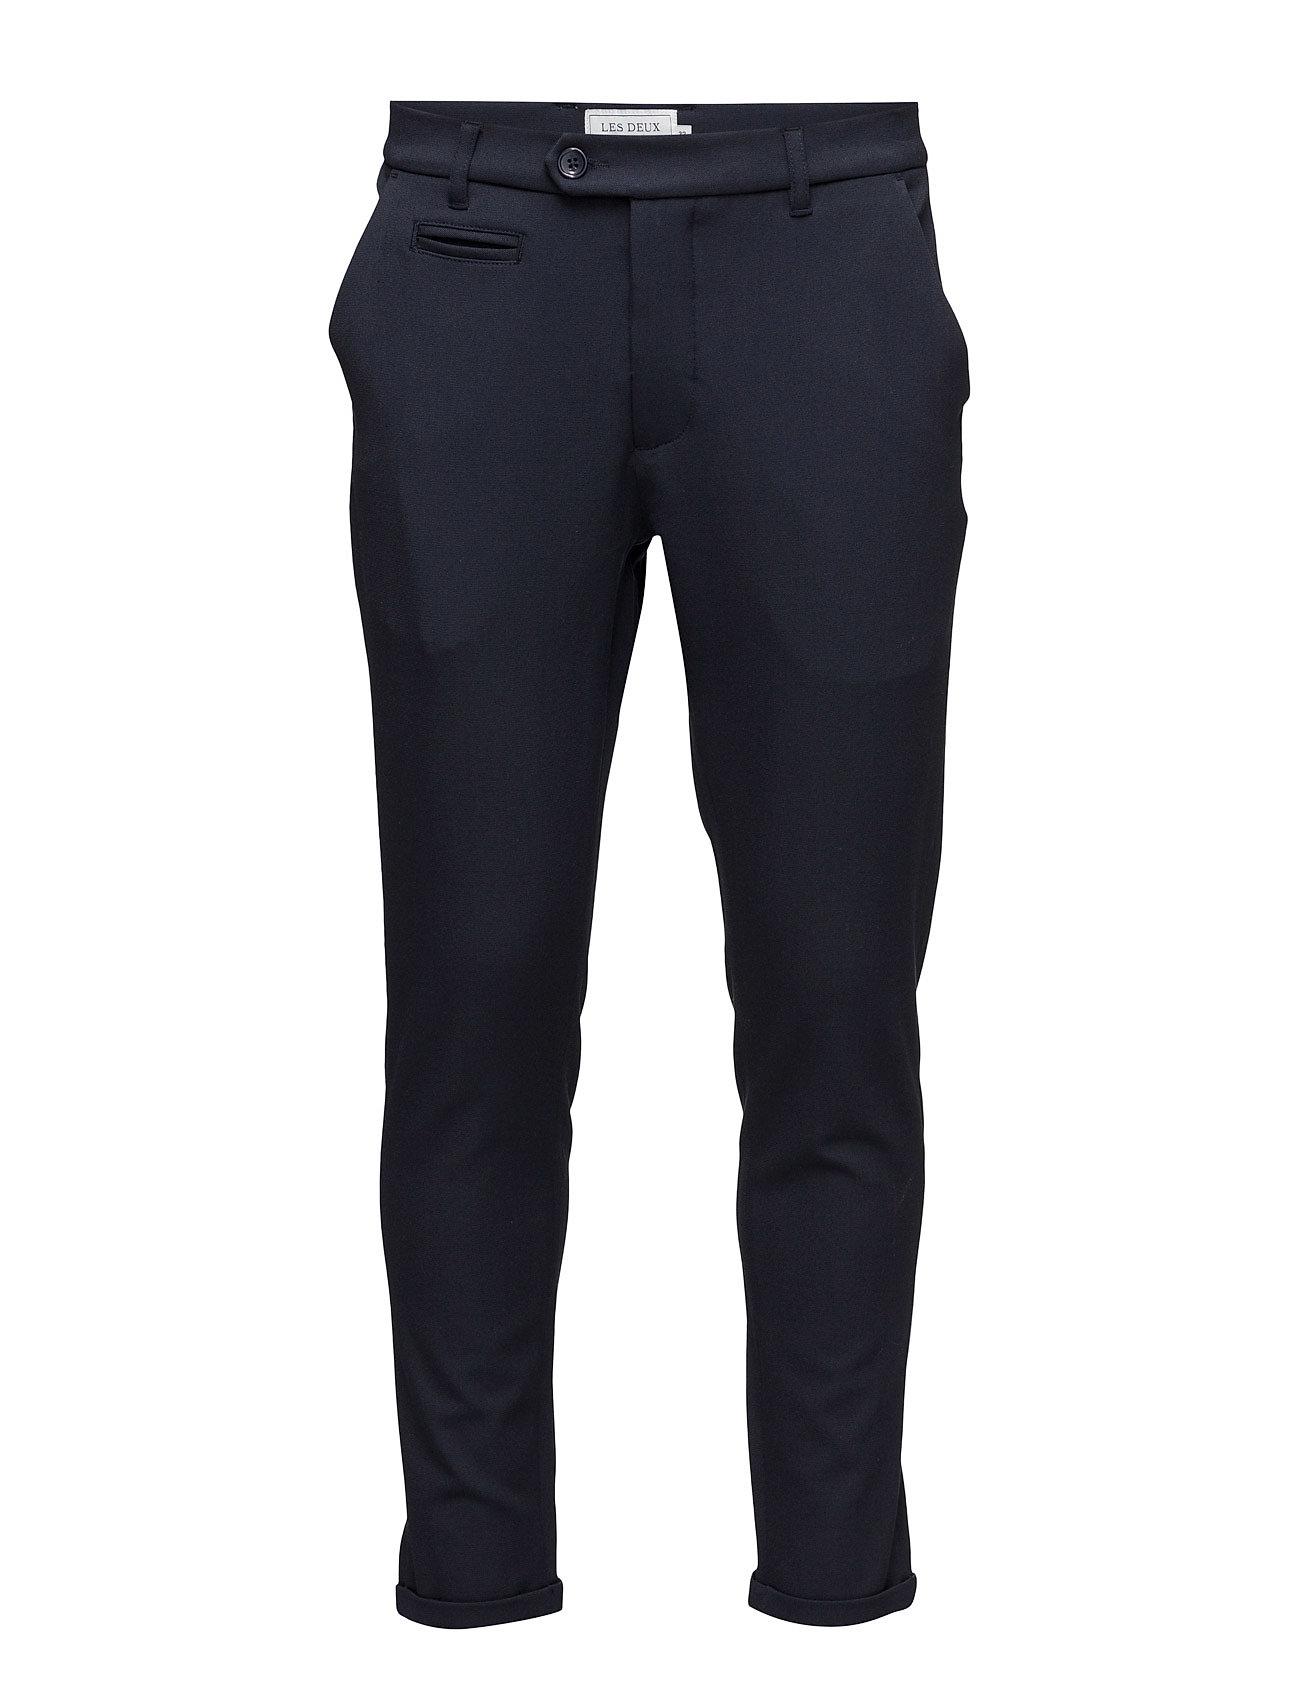 Suit Pants Como Les Deux Formelle til Herrer i Navy blå